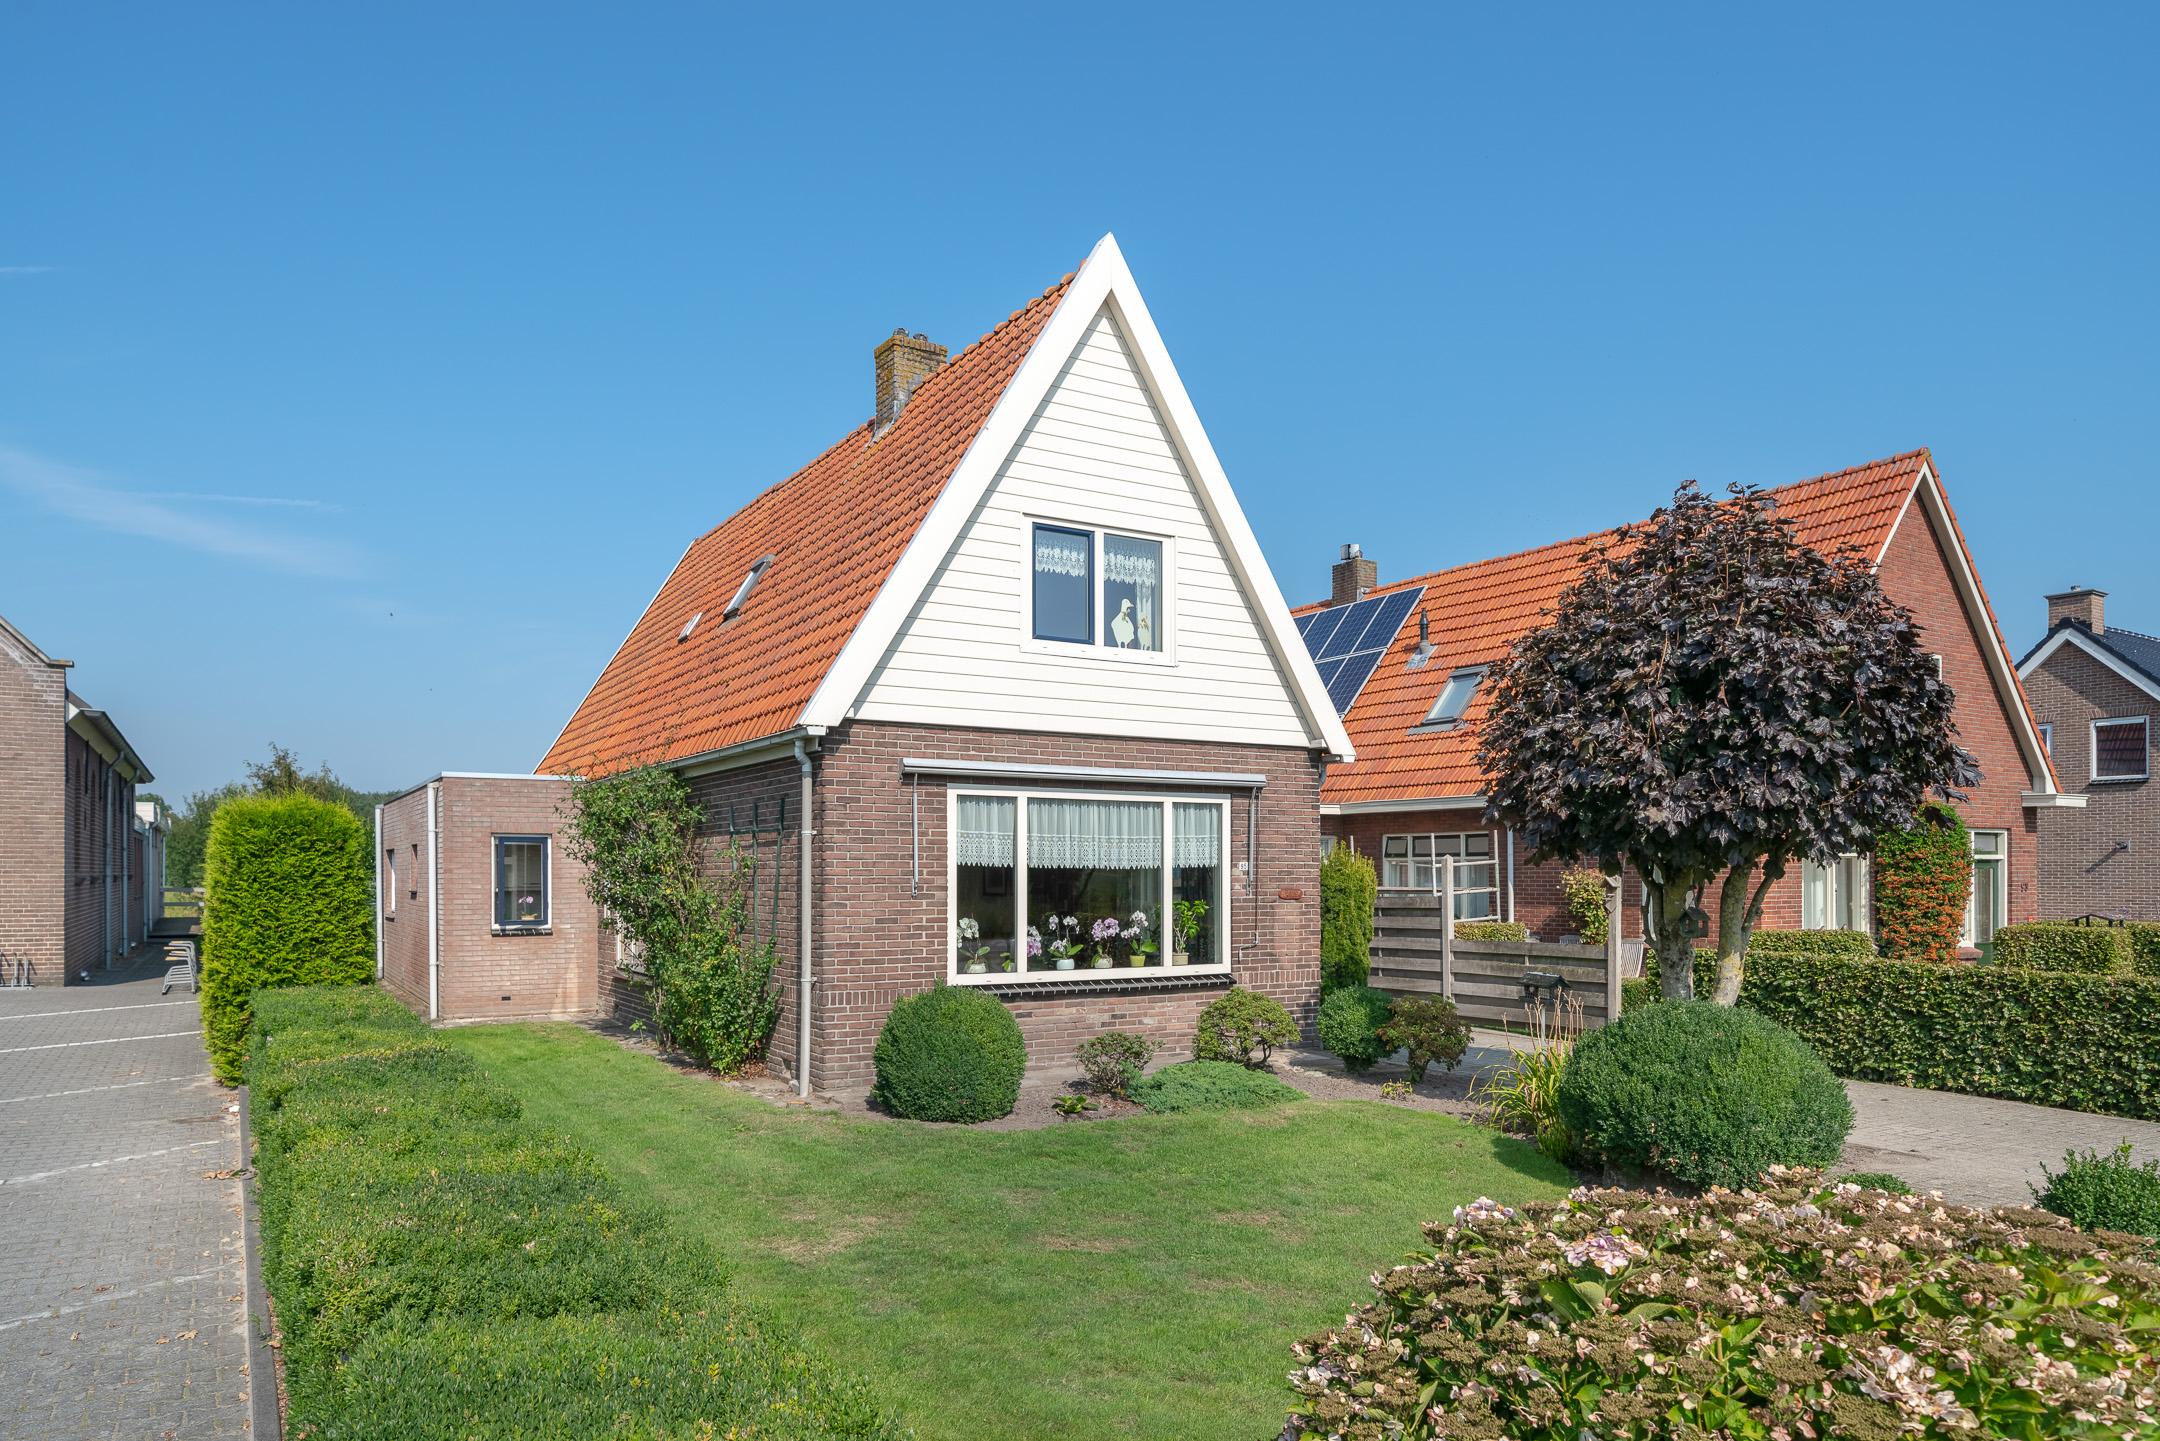 Verlengde Middenraai 95, Drenthe, 7938 PC, 1936 Bedrooms Bedrooms, ,5 BadkamerBadkamer,Vrijstaande woning,Te koop,Verlengde Middenraai,2,1129